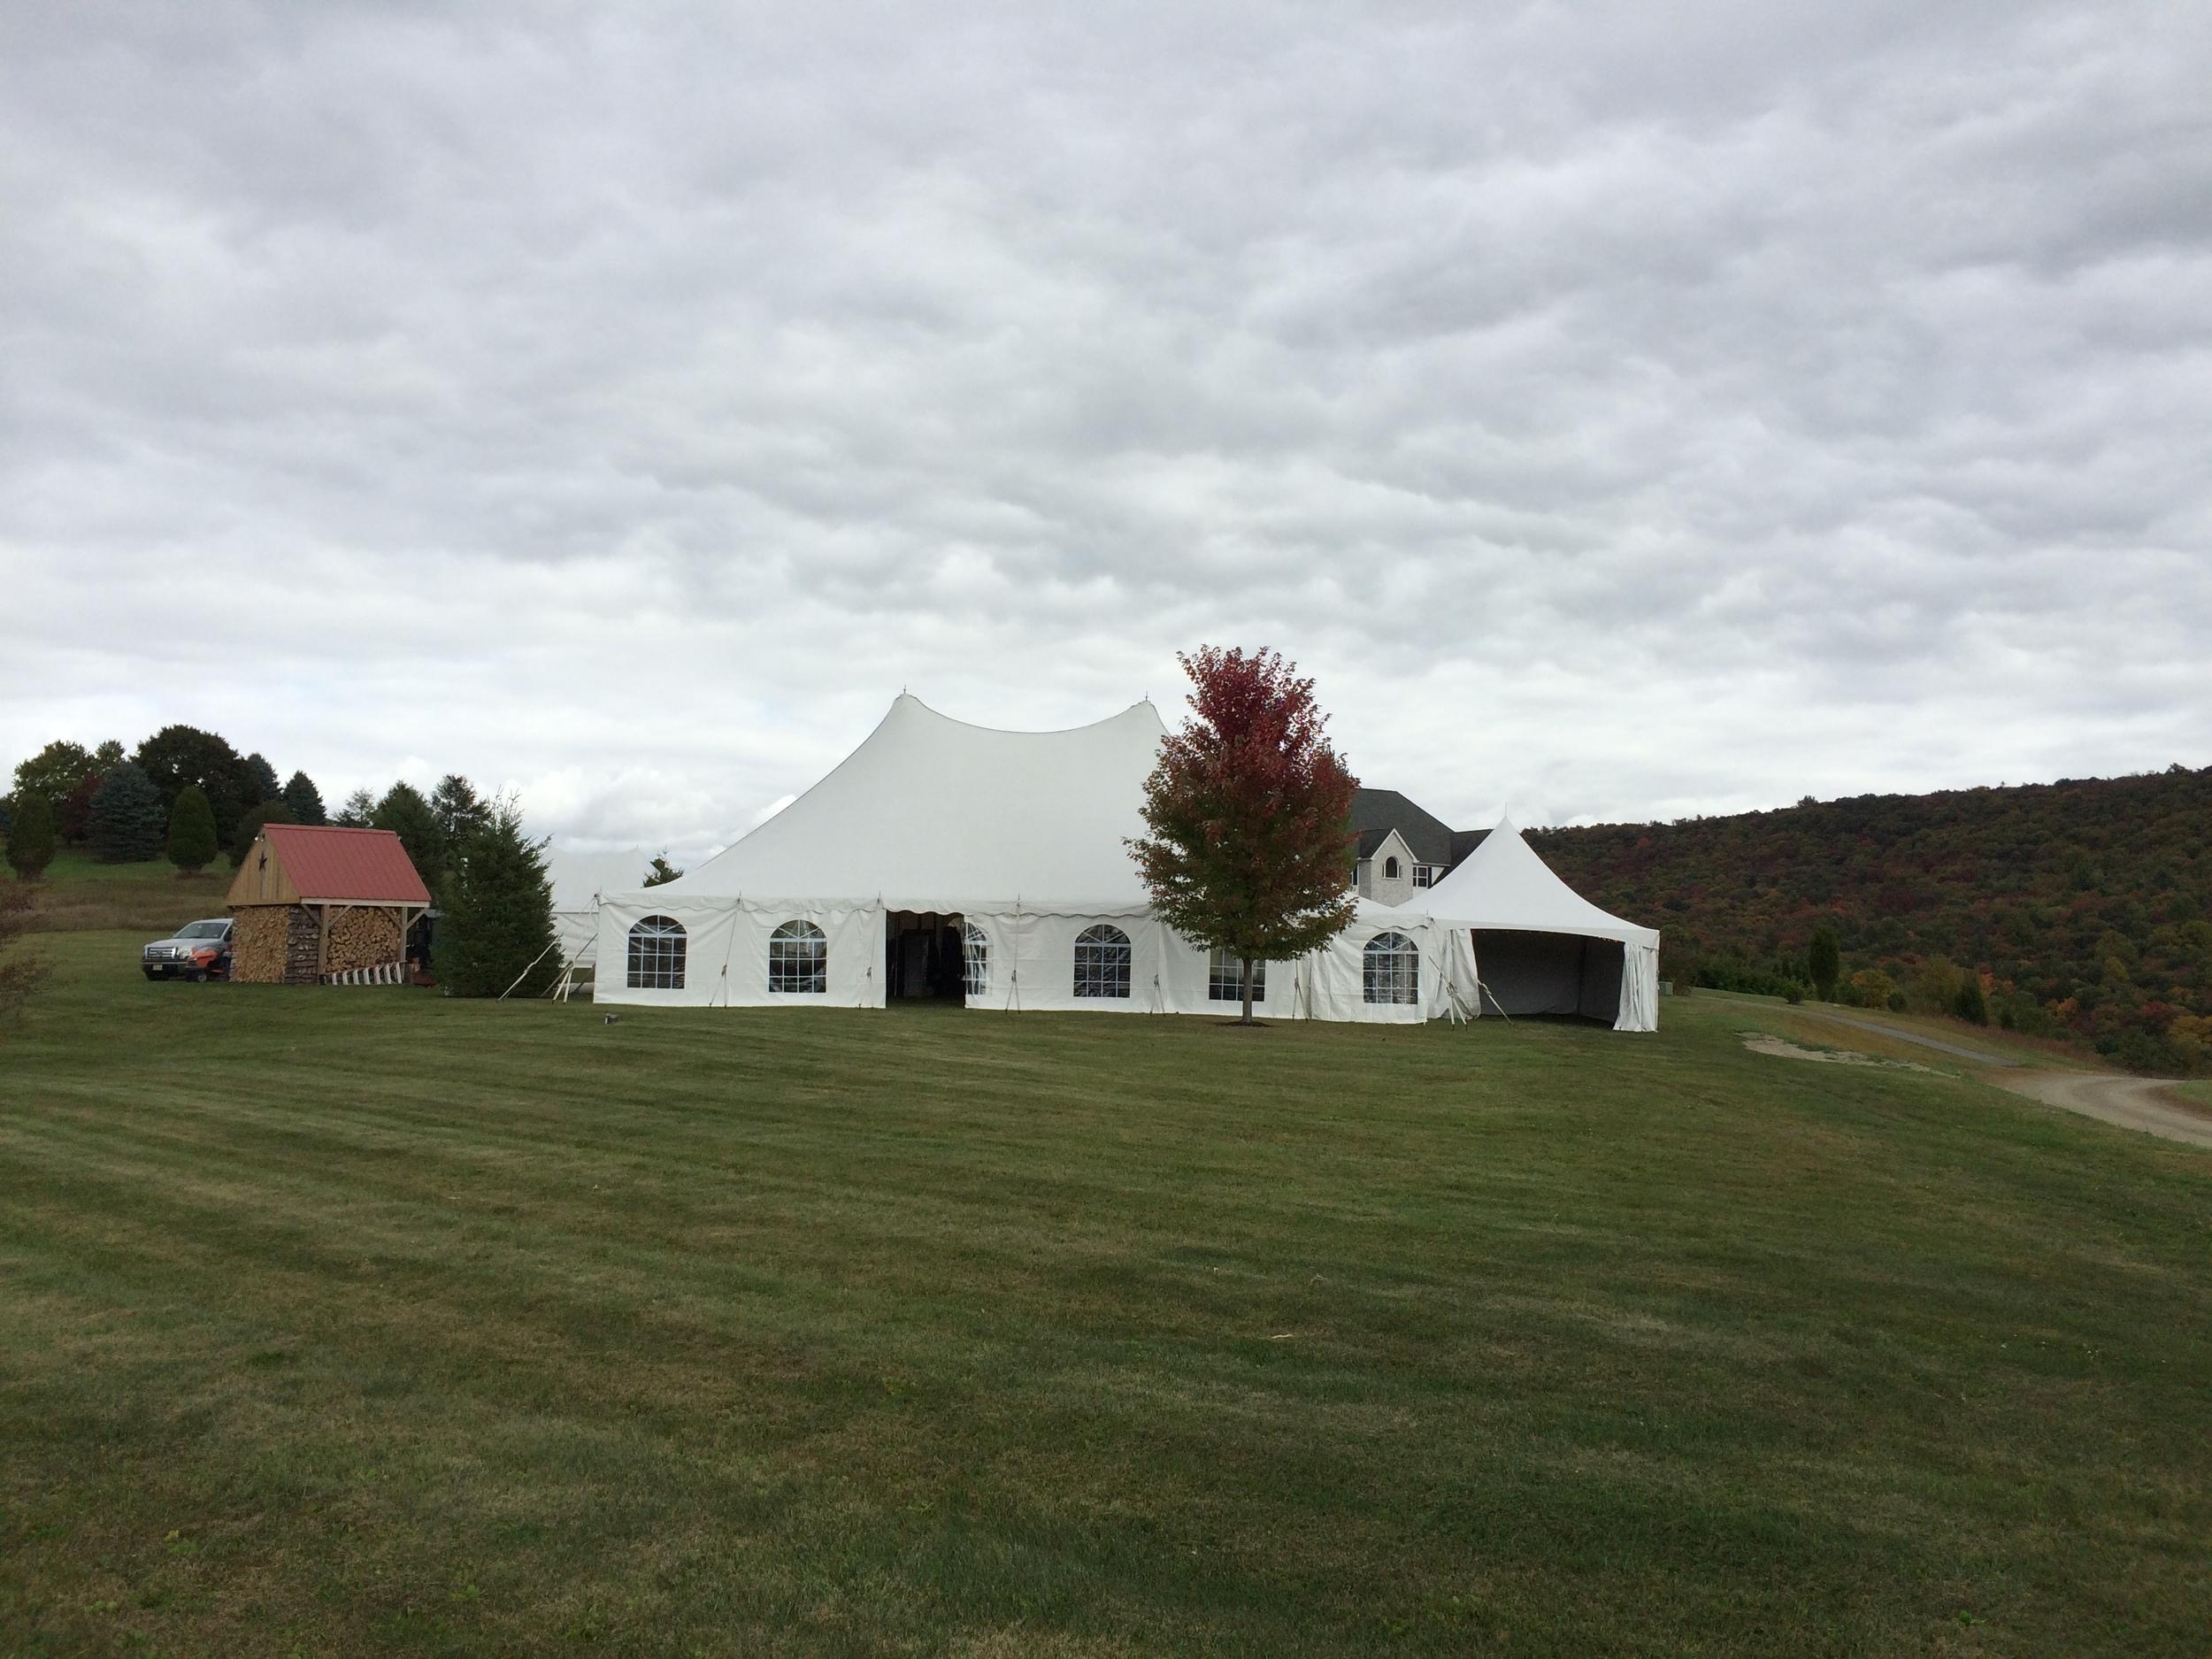 Wedding tent with church window style sidewalls